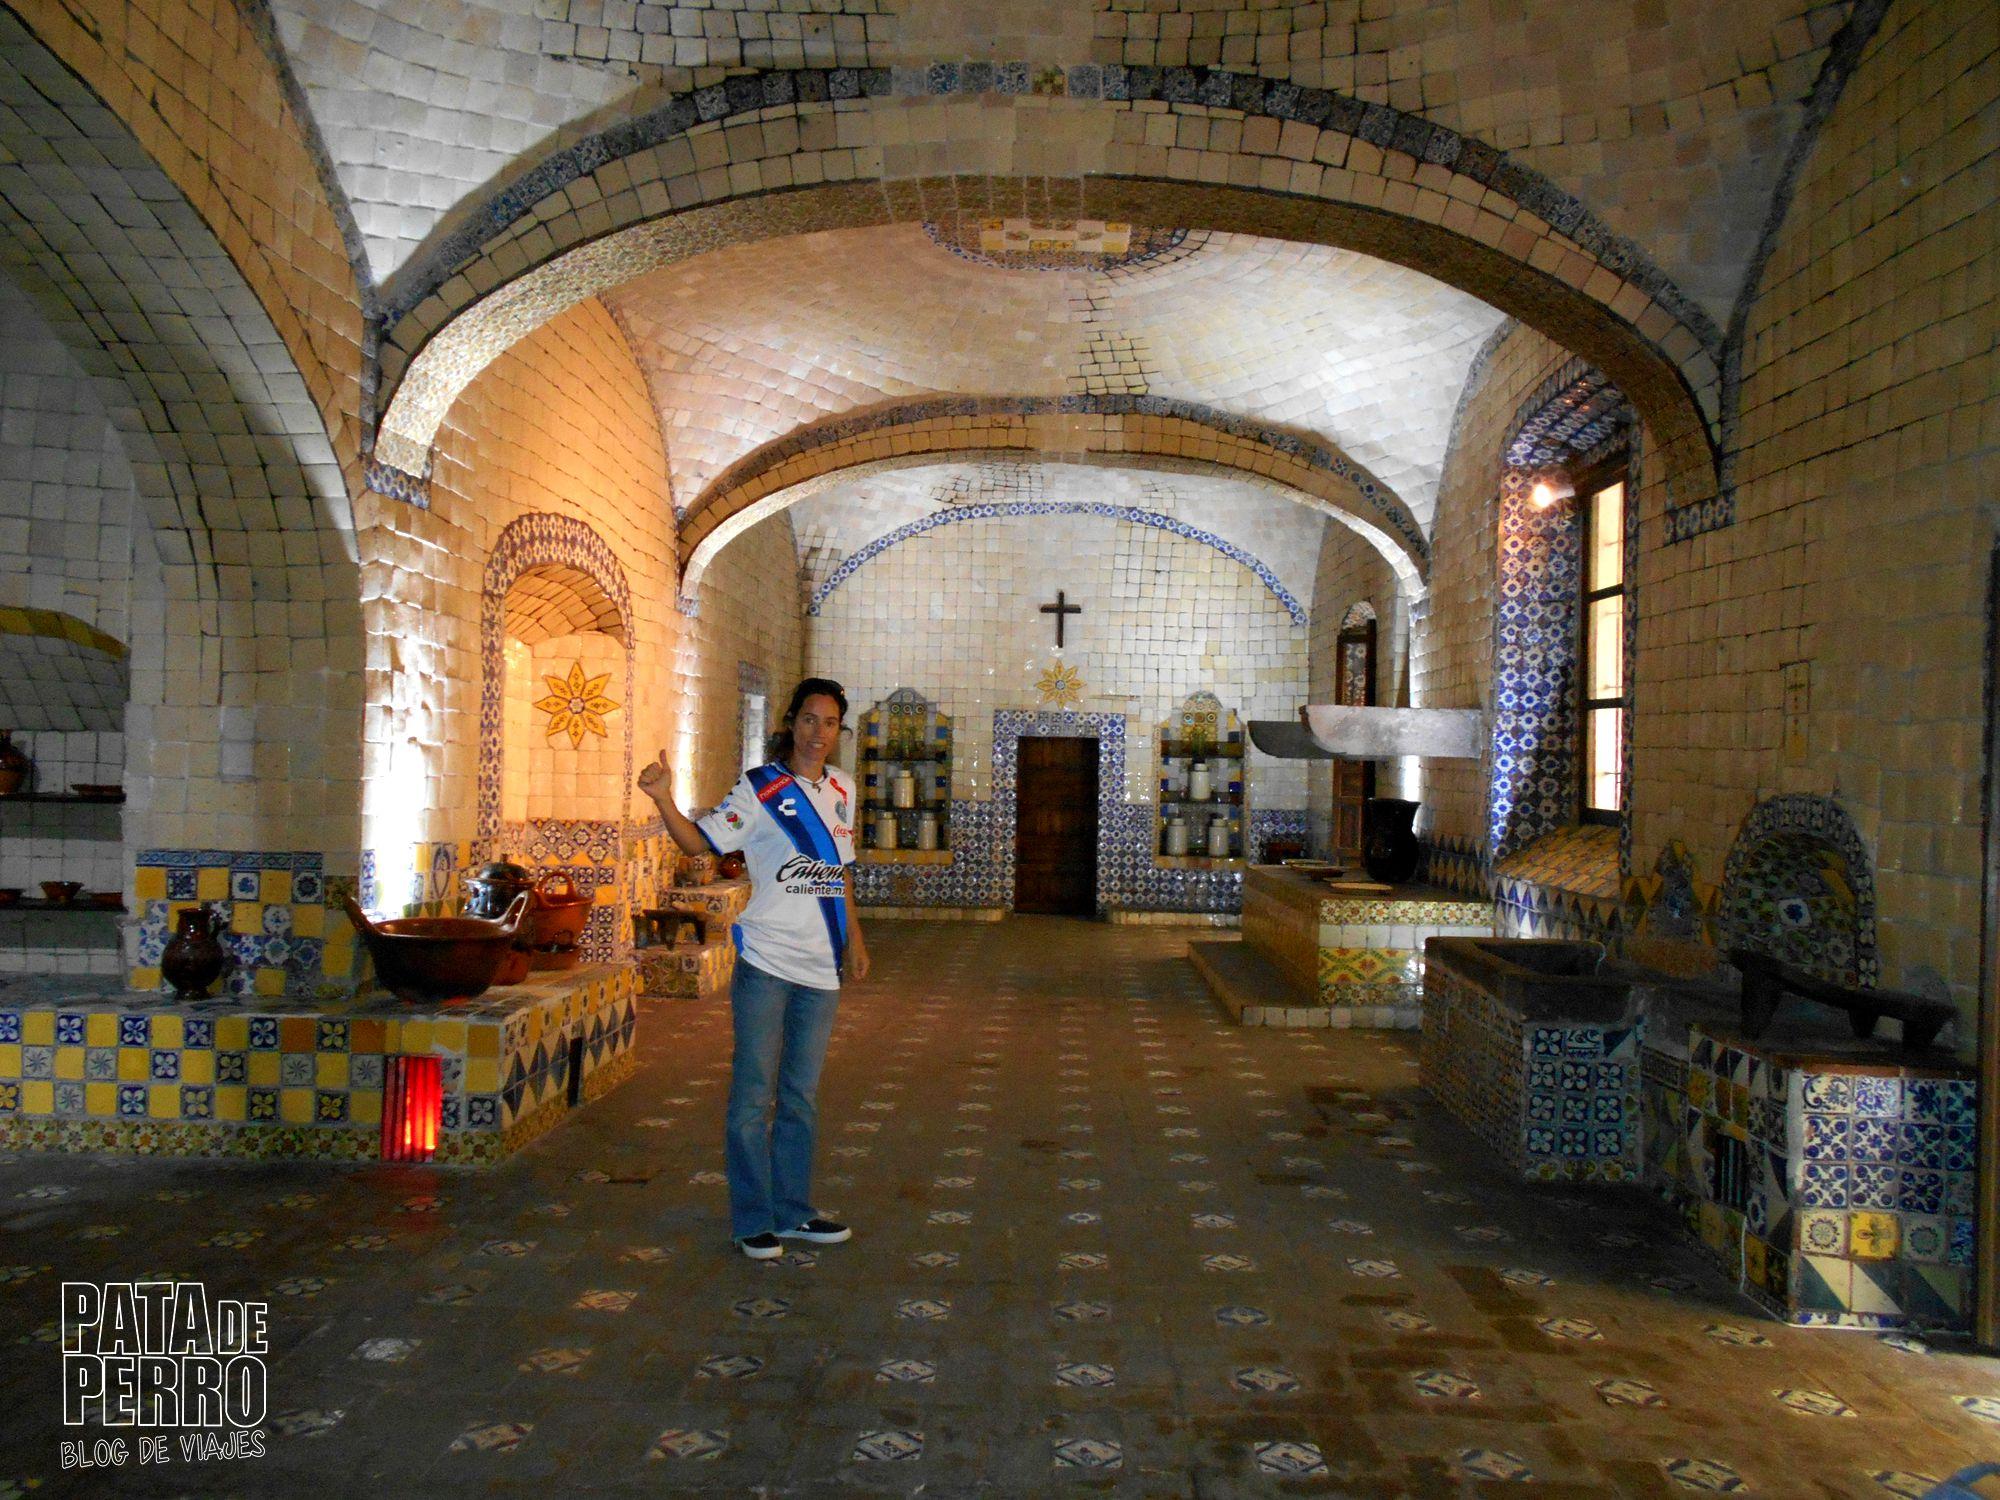 convento de santa rosa mole poblano pata de perro blog de viajes